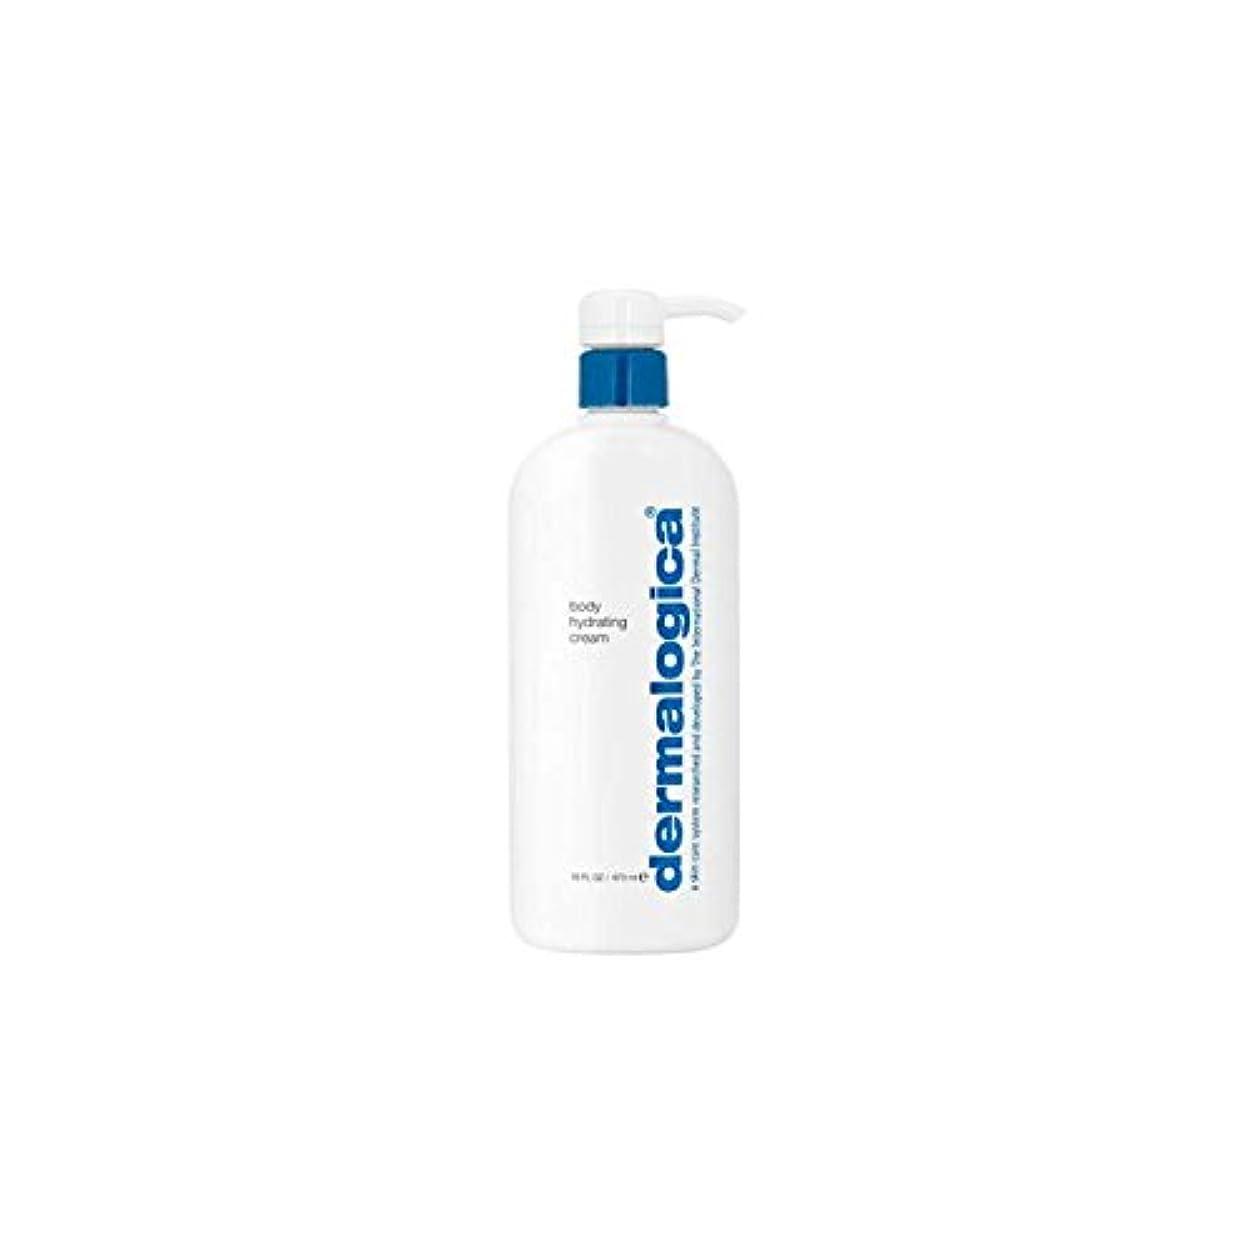 あいさつ試みるずらす[Dermalogica ] ダーマロジカボディハイドレイティングクリーム(473ミリリットル) - Dermalogica Body Hydrating Cream (473ml) [並行輸入品]